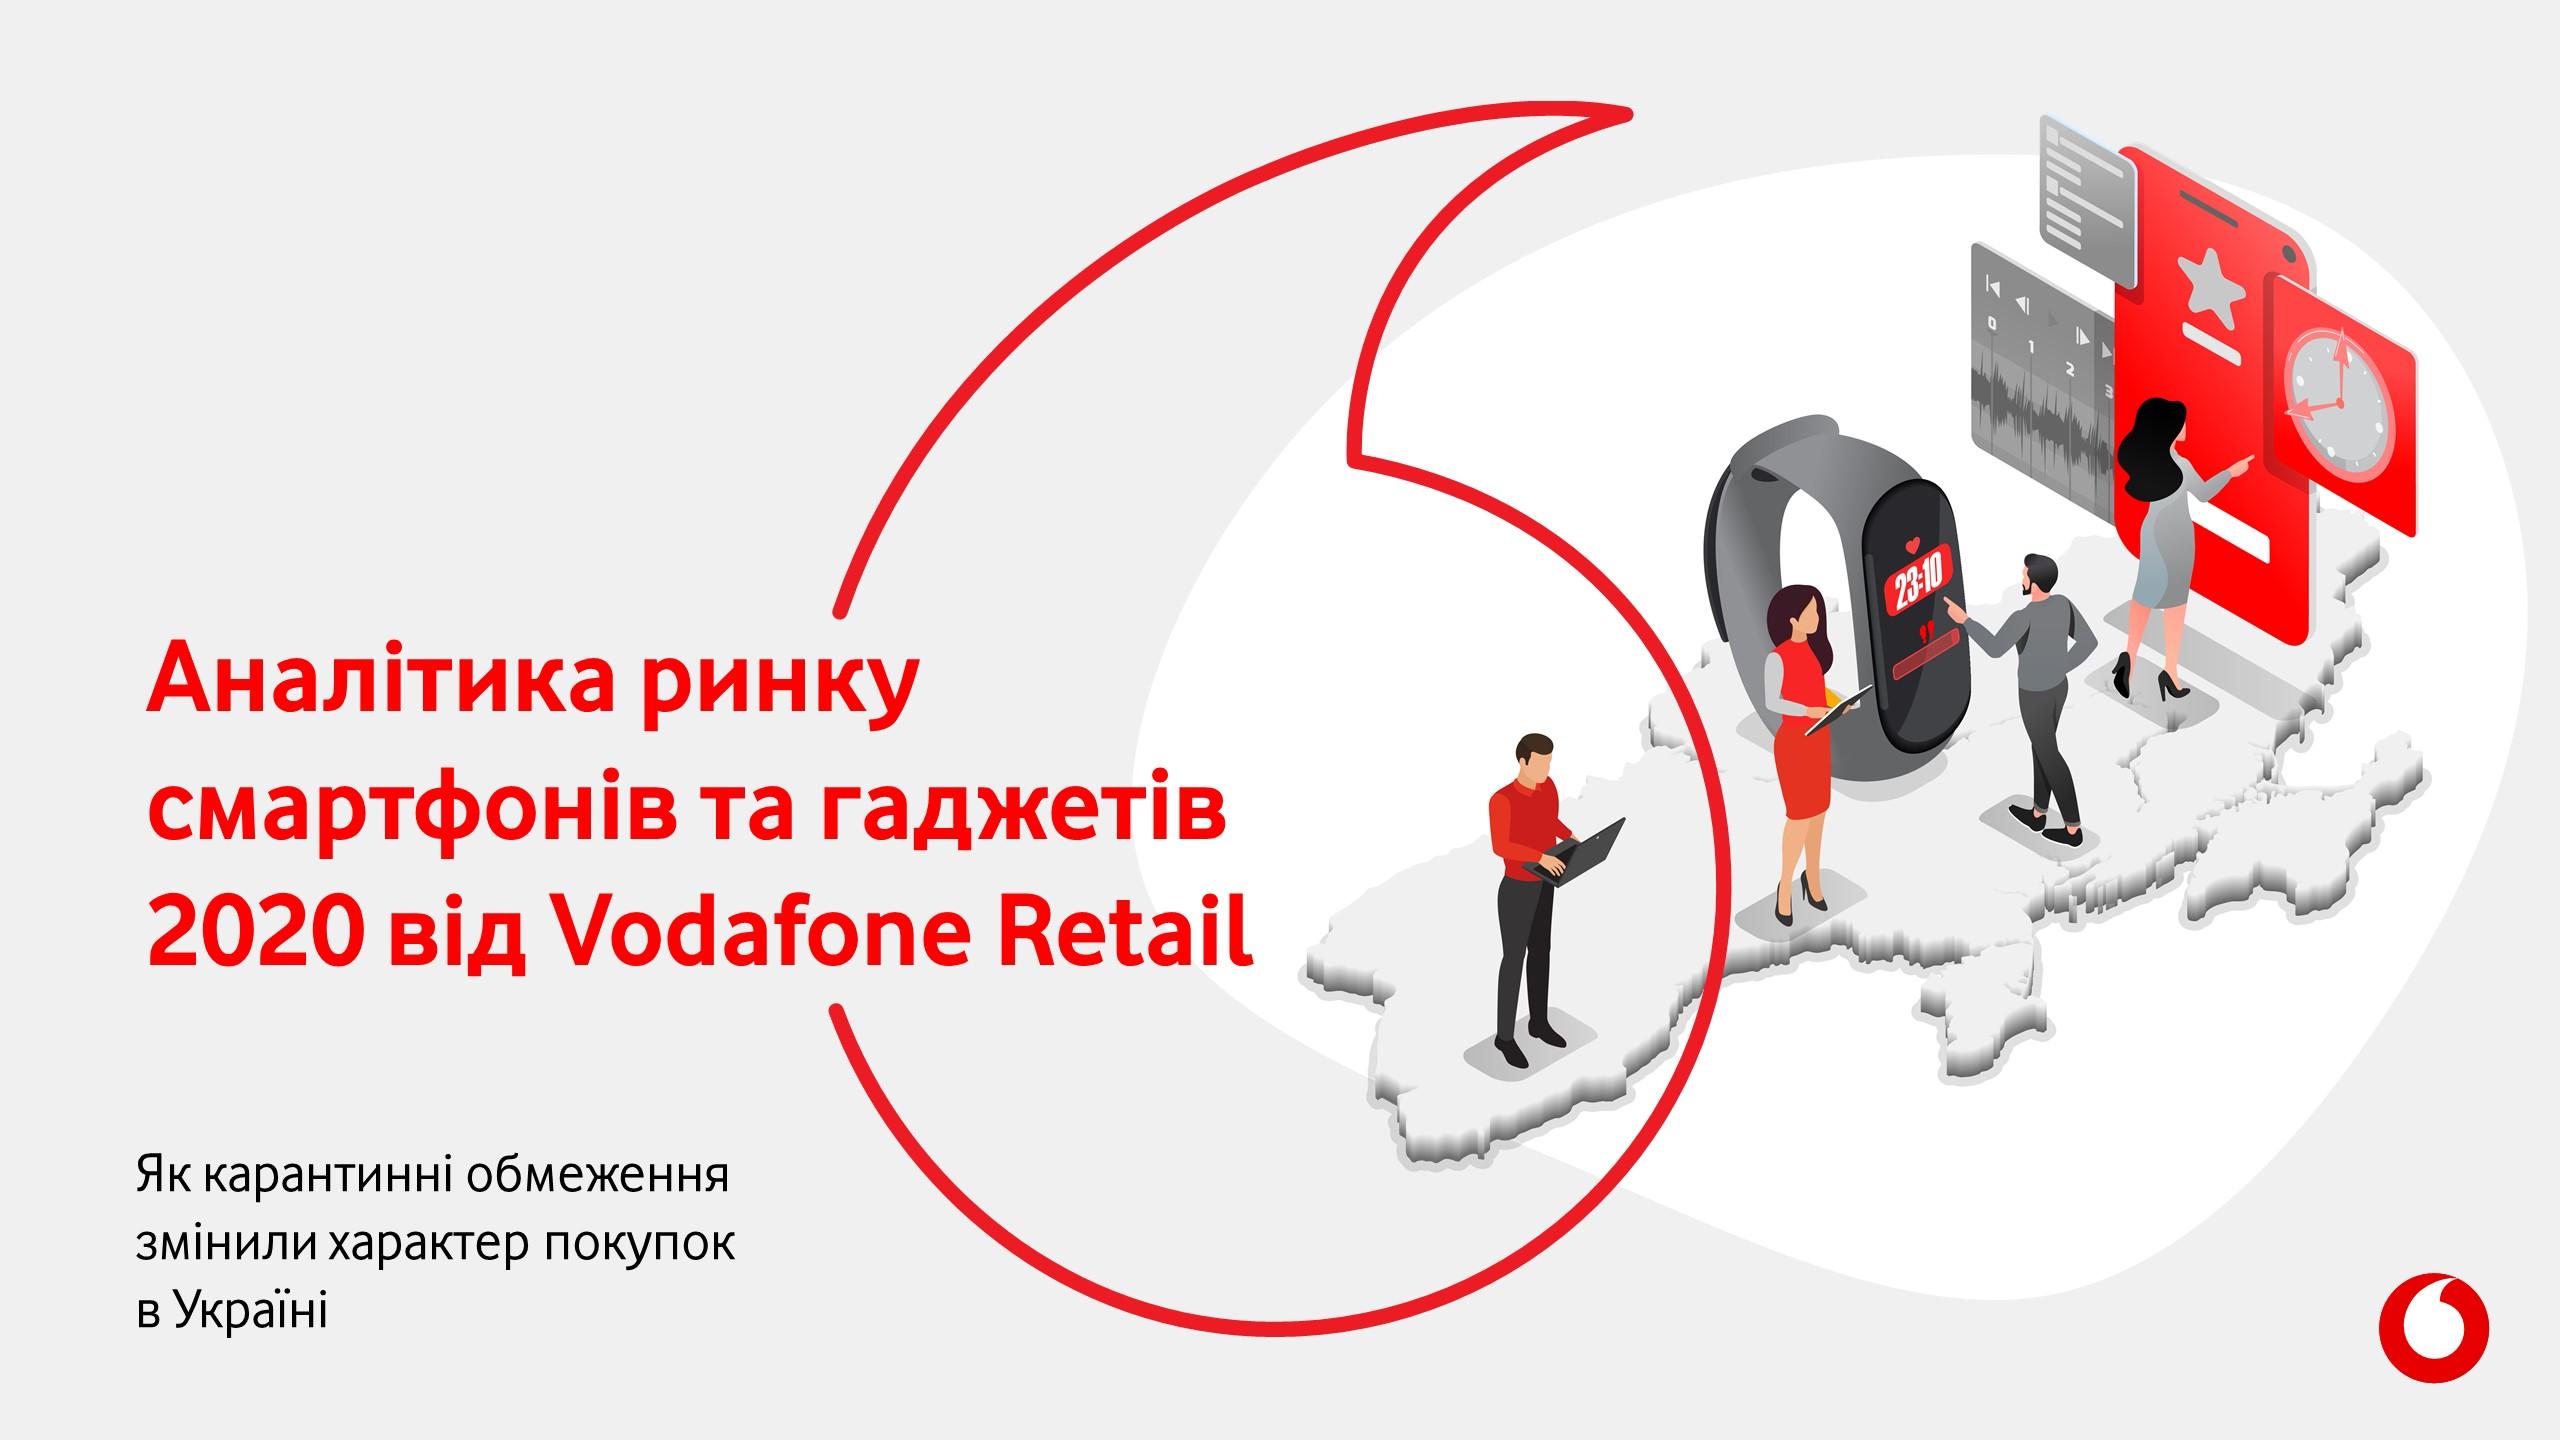 Vodafone Retail: клиенты со средним и низким доходом в Украине меняют смартфоны чаще, чем клиенты с высоким